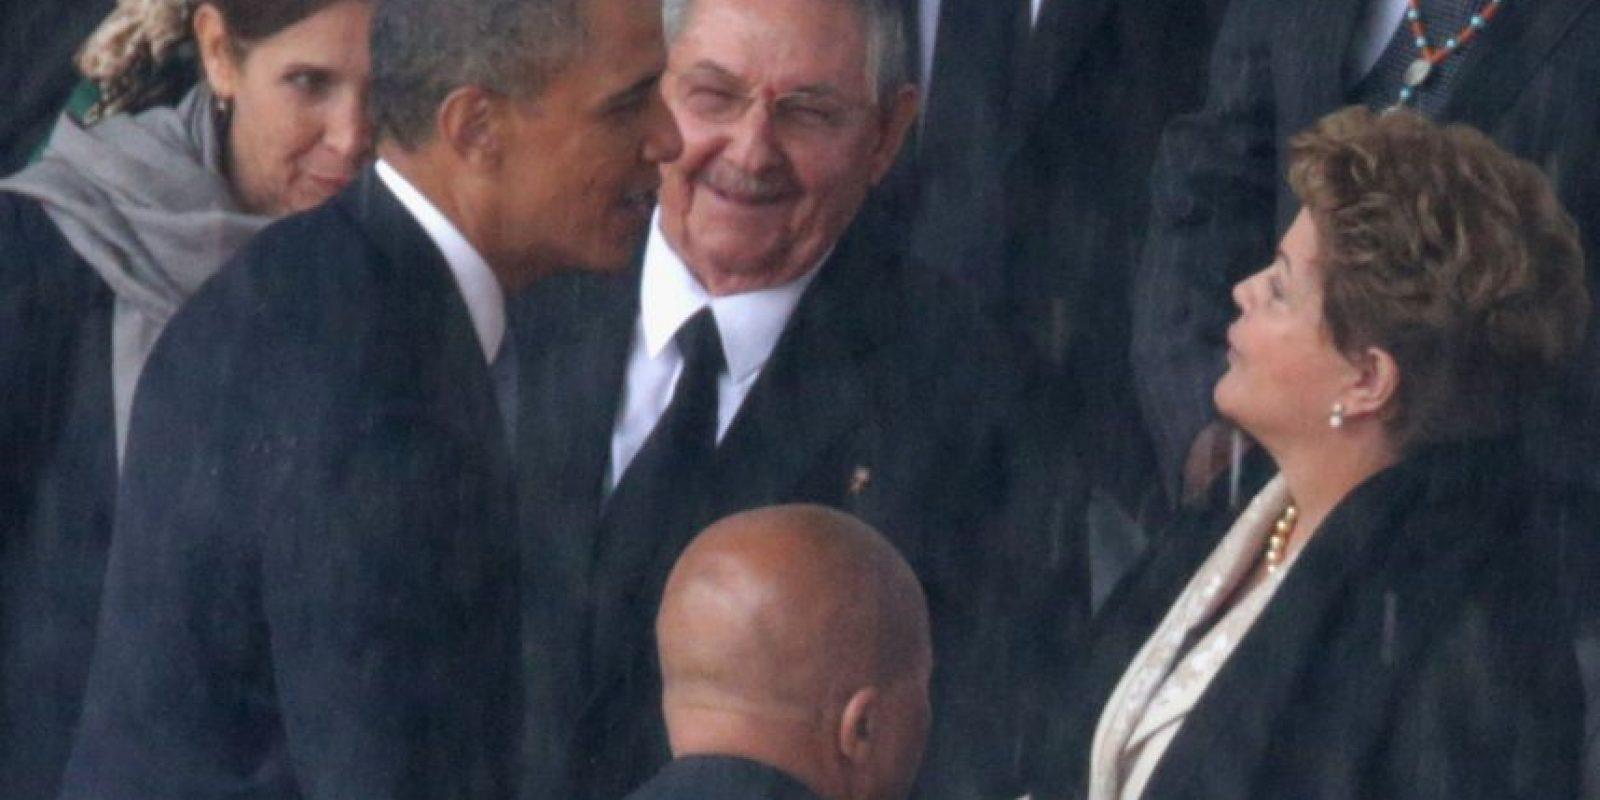 El primer encuentro entre Raúl Castro y Barack Obama fue en 2010 Foto:Getty Images